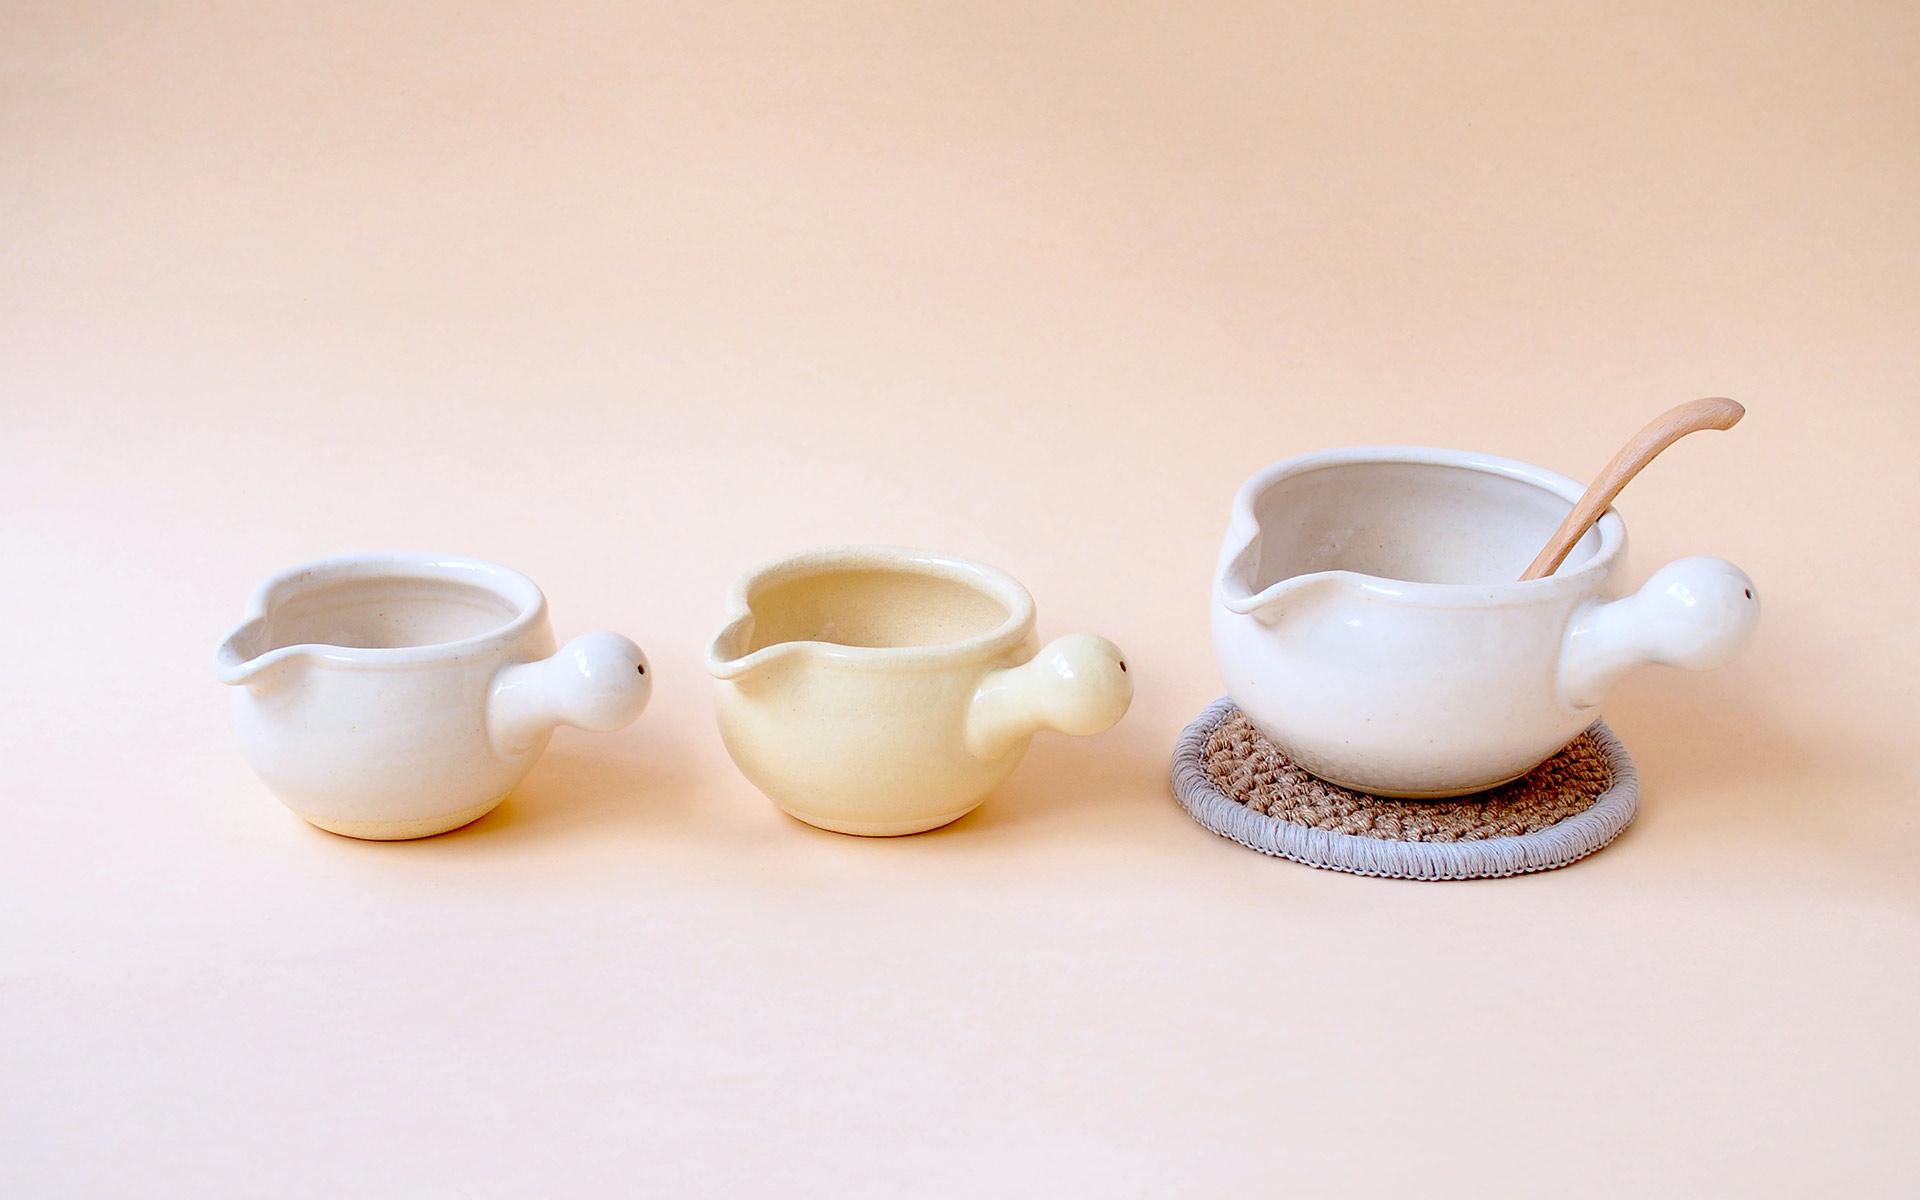 松山陶工場がつくる「あたため鍋」。おかゆを炊くのはもちろん、牛乳や豆乳、チャイなどをあたためるのに最適